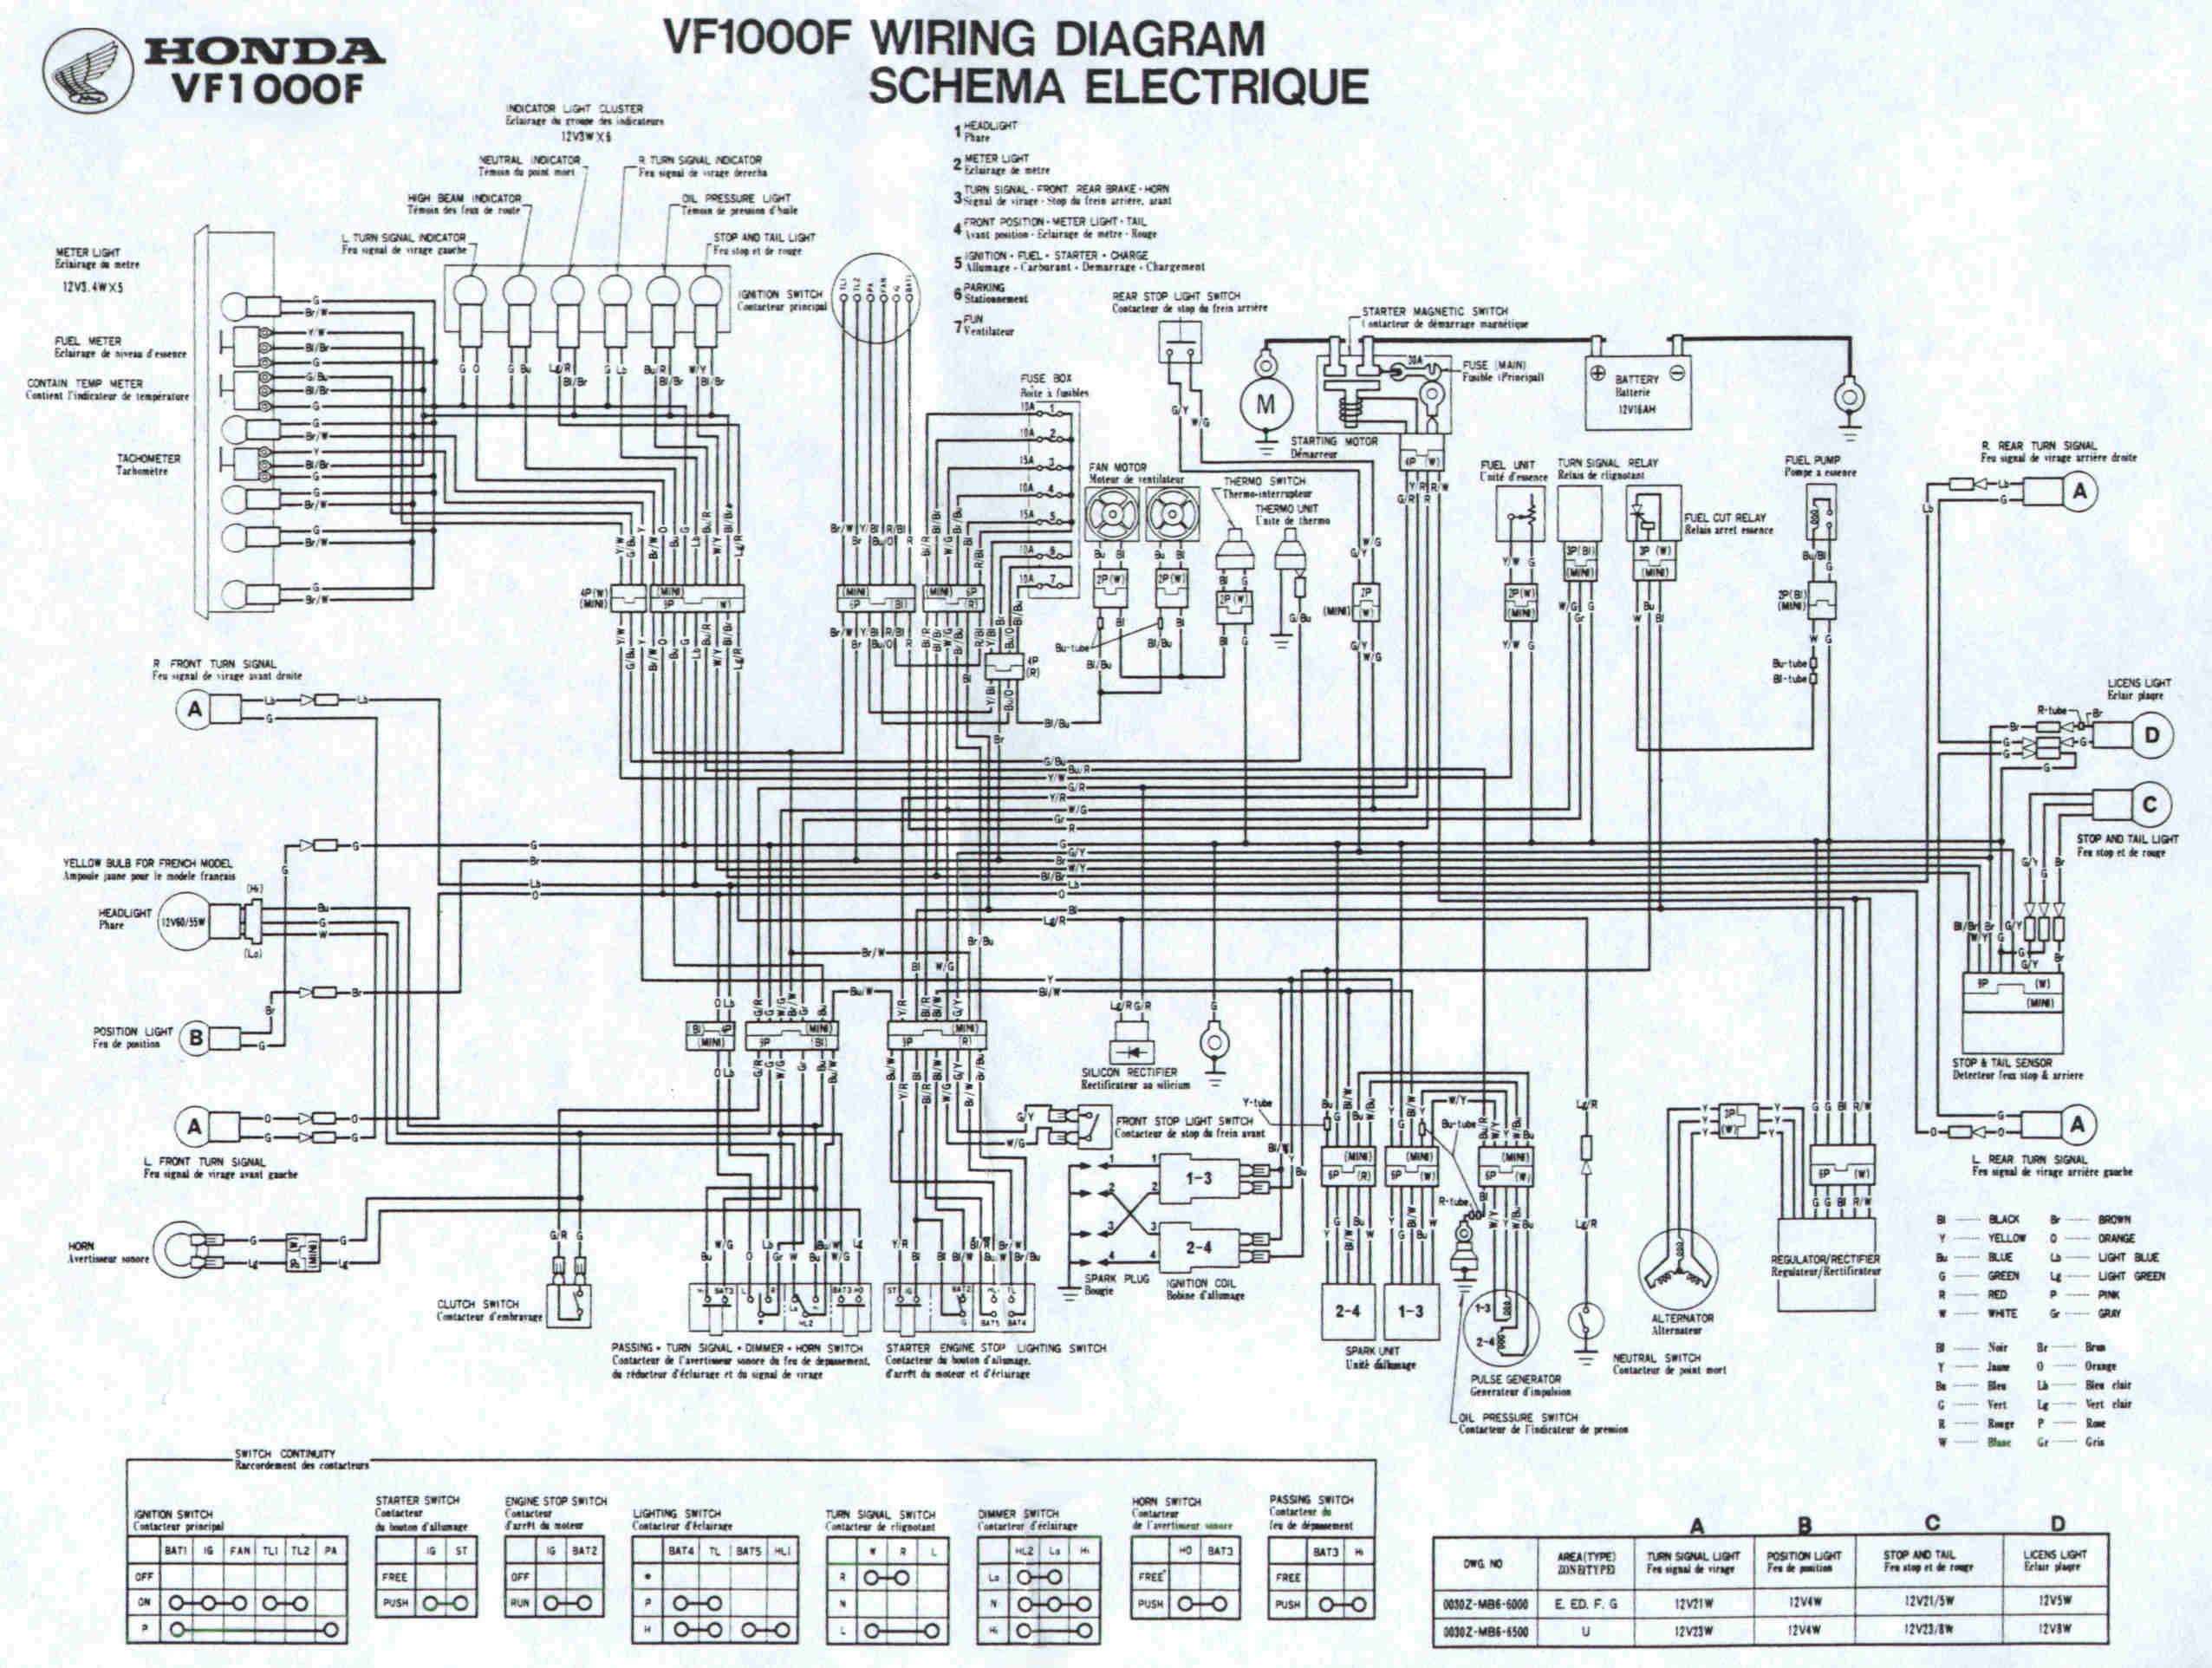 cz_1260] suzuki gn 400 wiring diagram in addition suzuki ts 250 wiring  diagram  ariot icism sapre umize erek hendil mohammedshrine librar wiring 101